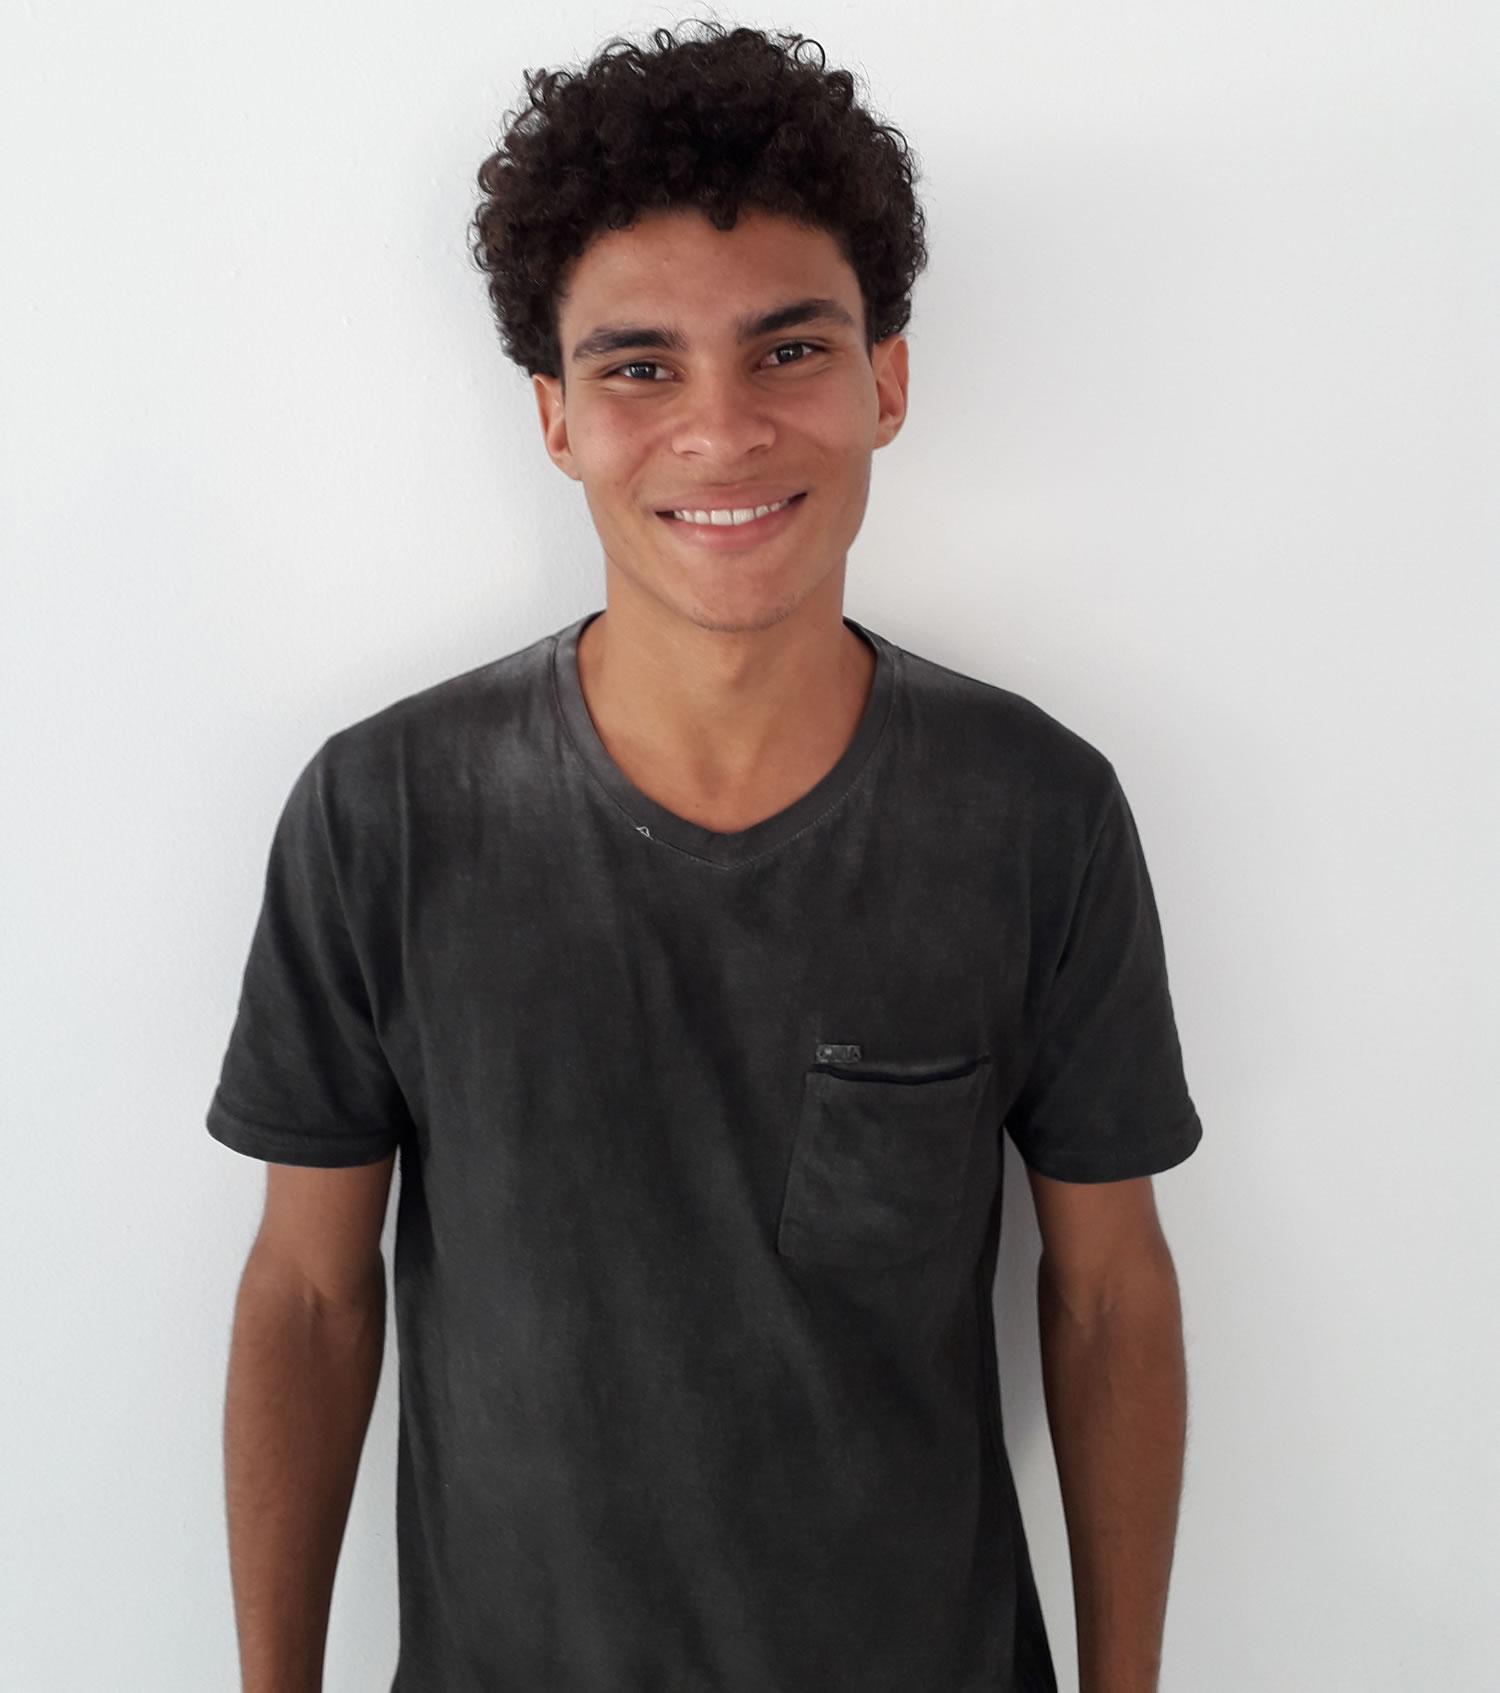 Aconteceu no Ceza – Carlos Antônio Cardoso